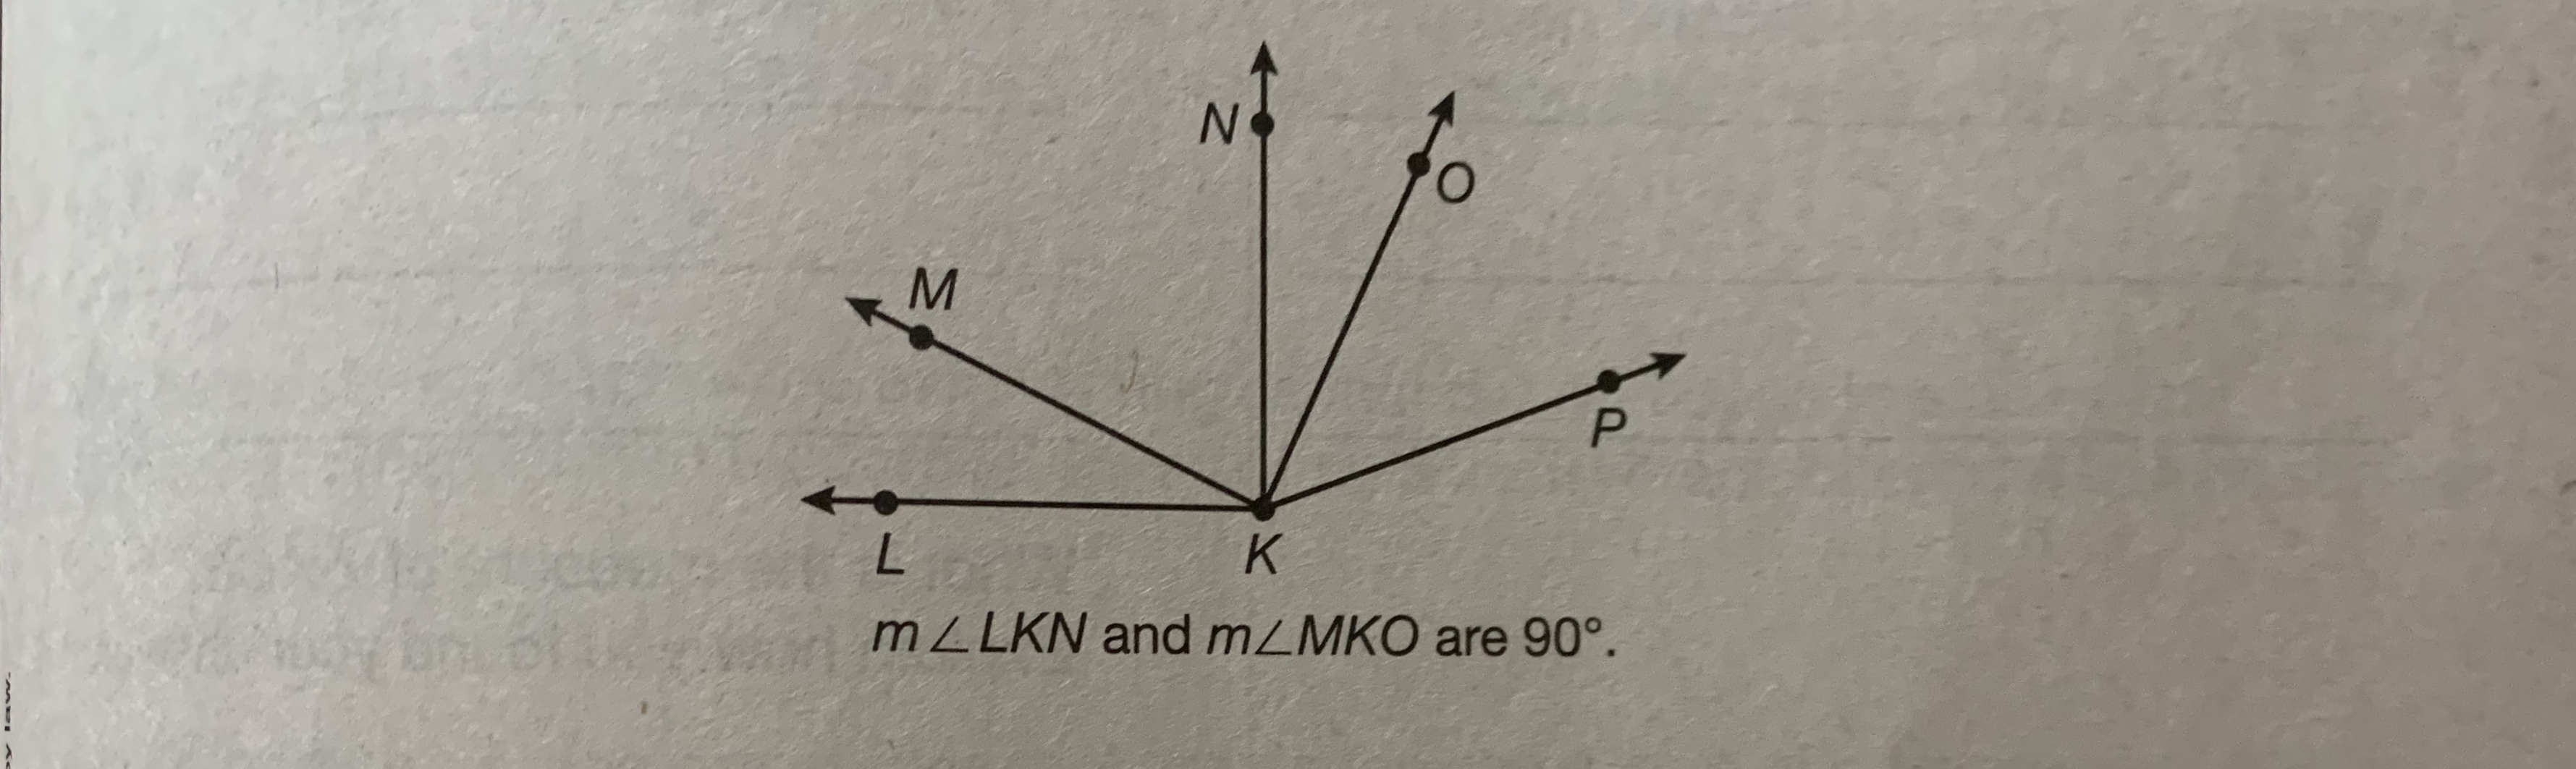 N. K MZLKN and mZMKO are 90°.